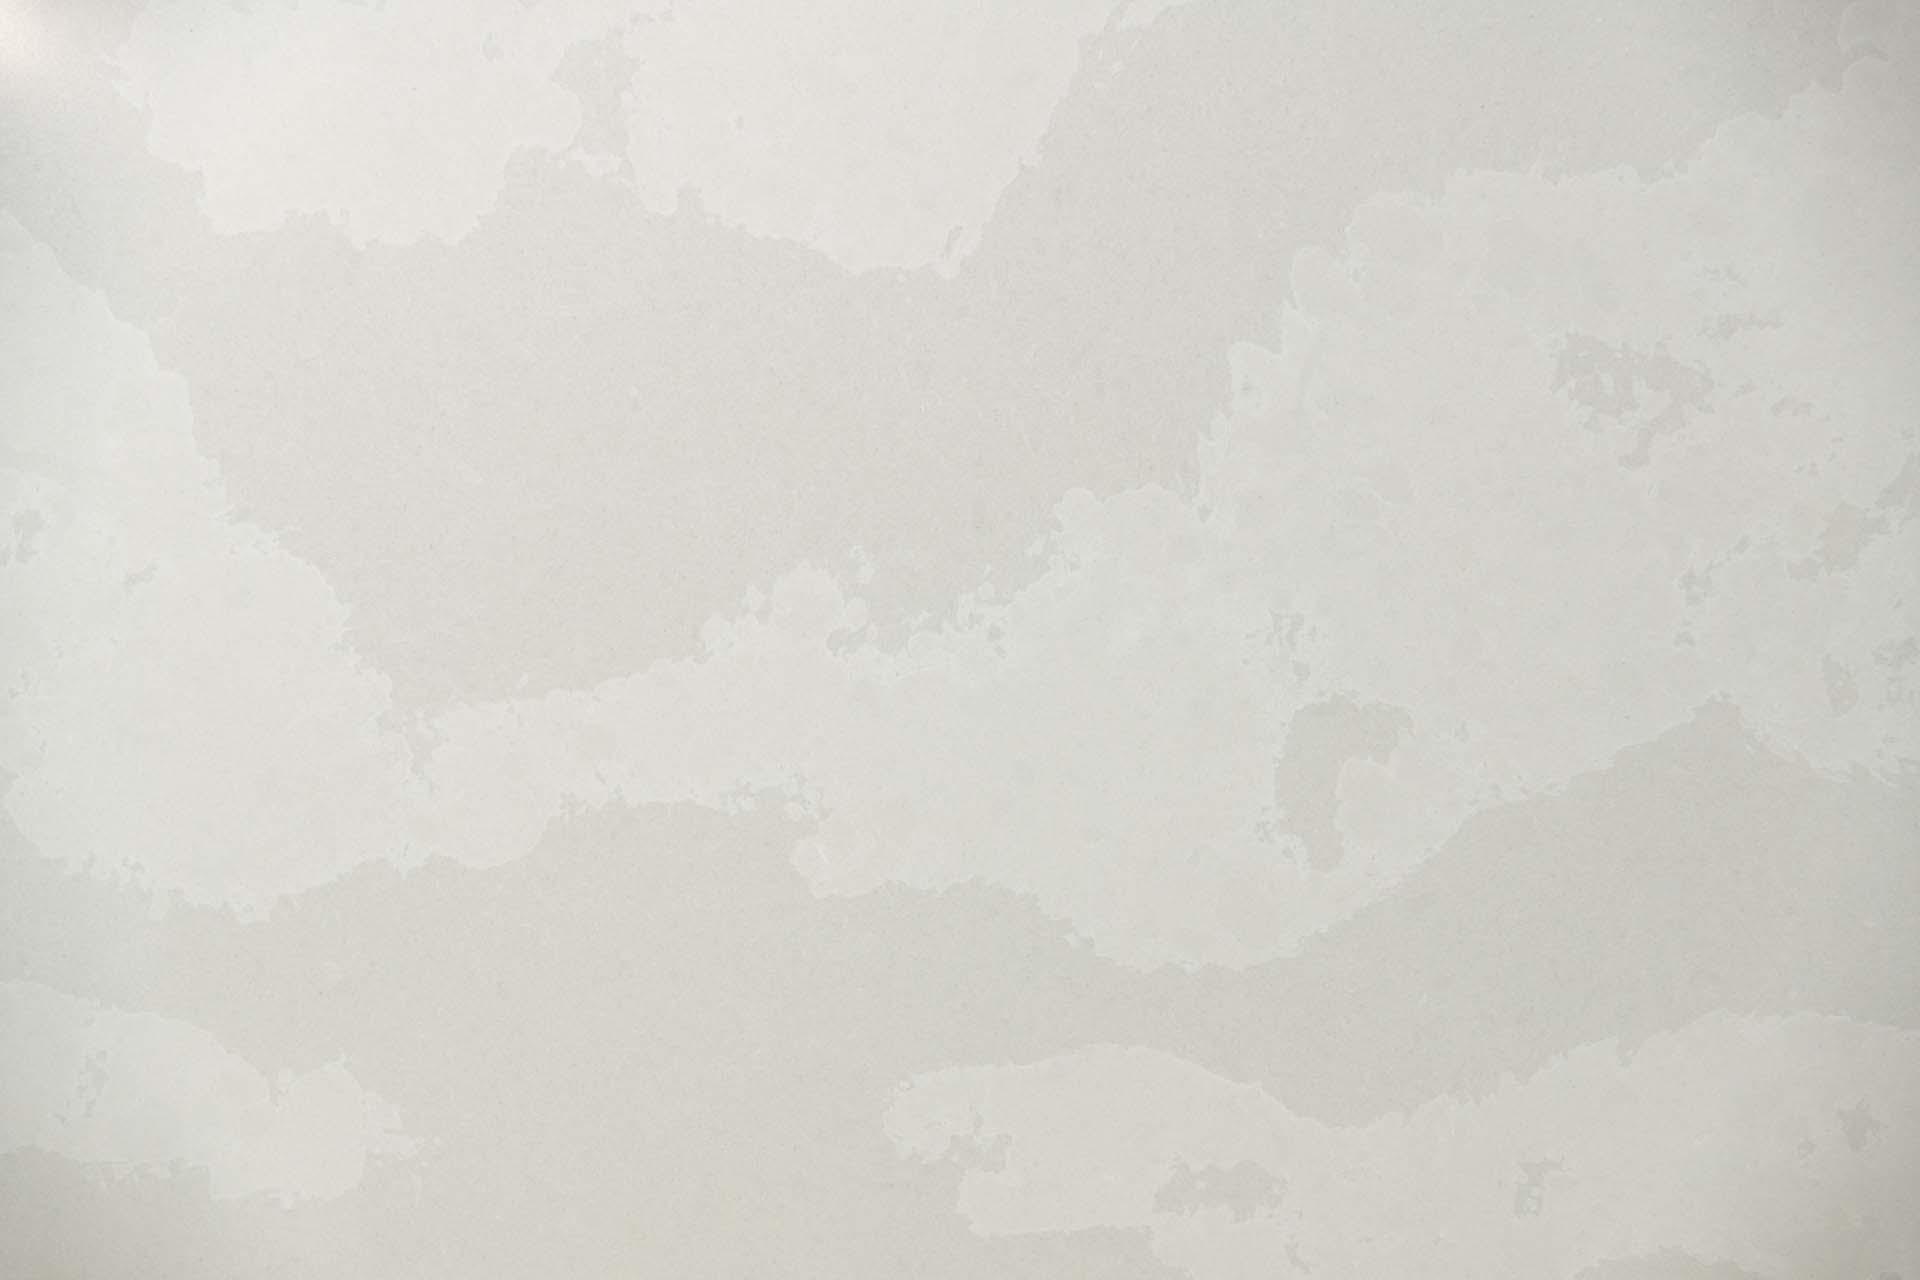 Unistone Olympus White Honed Quartz US201015 38917 090500a